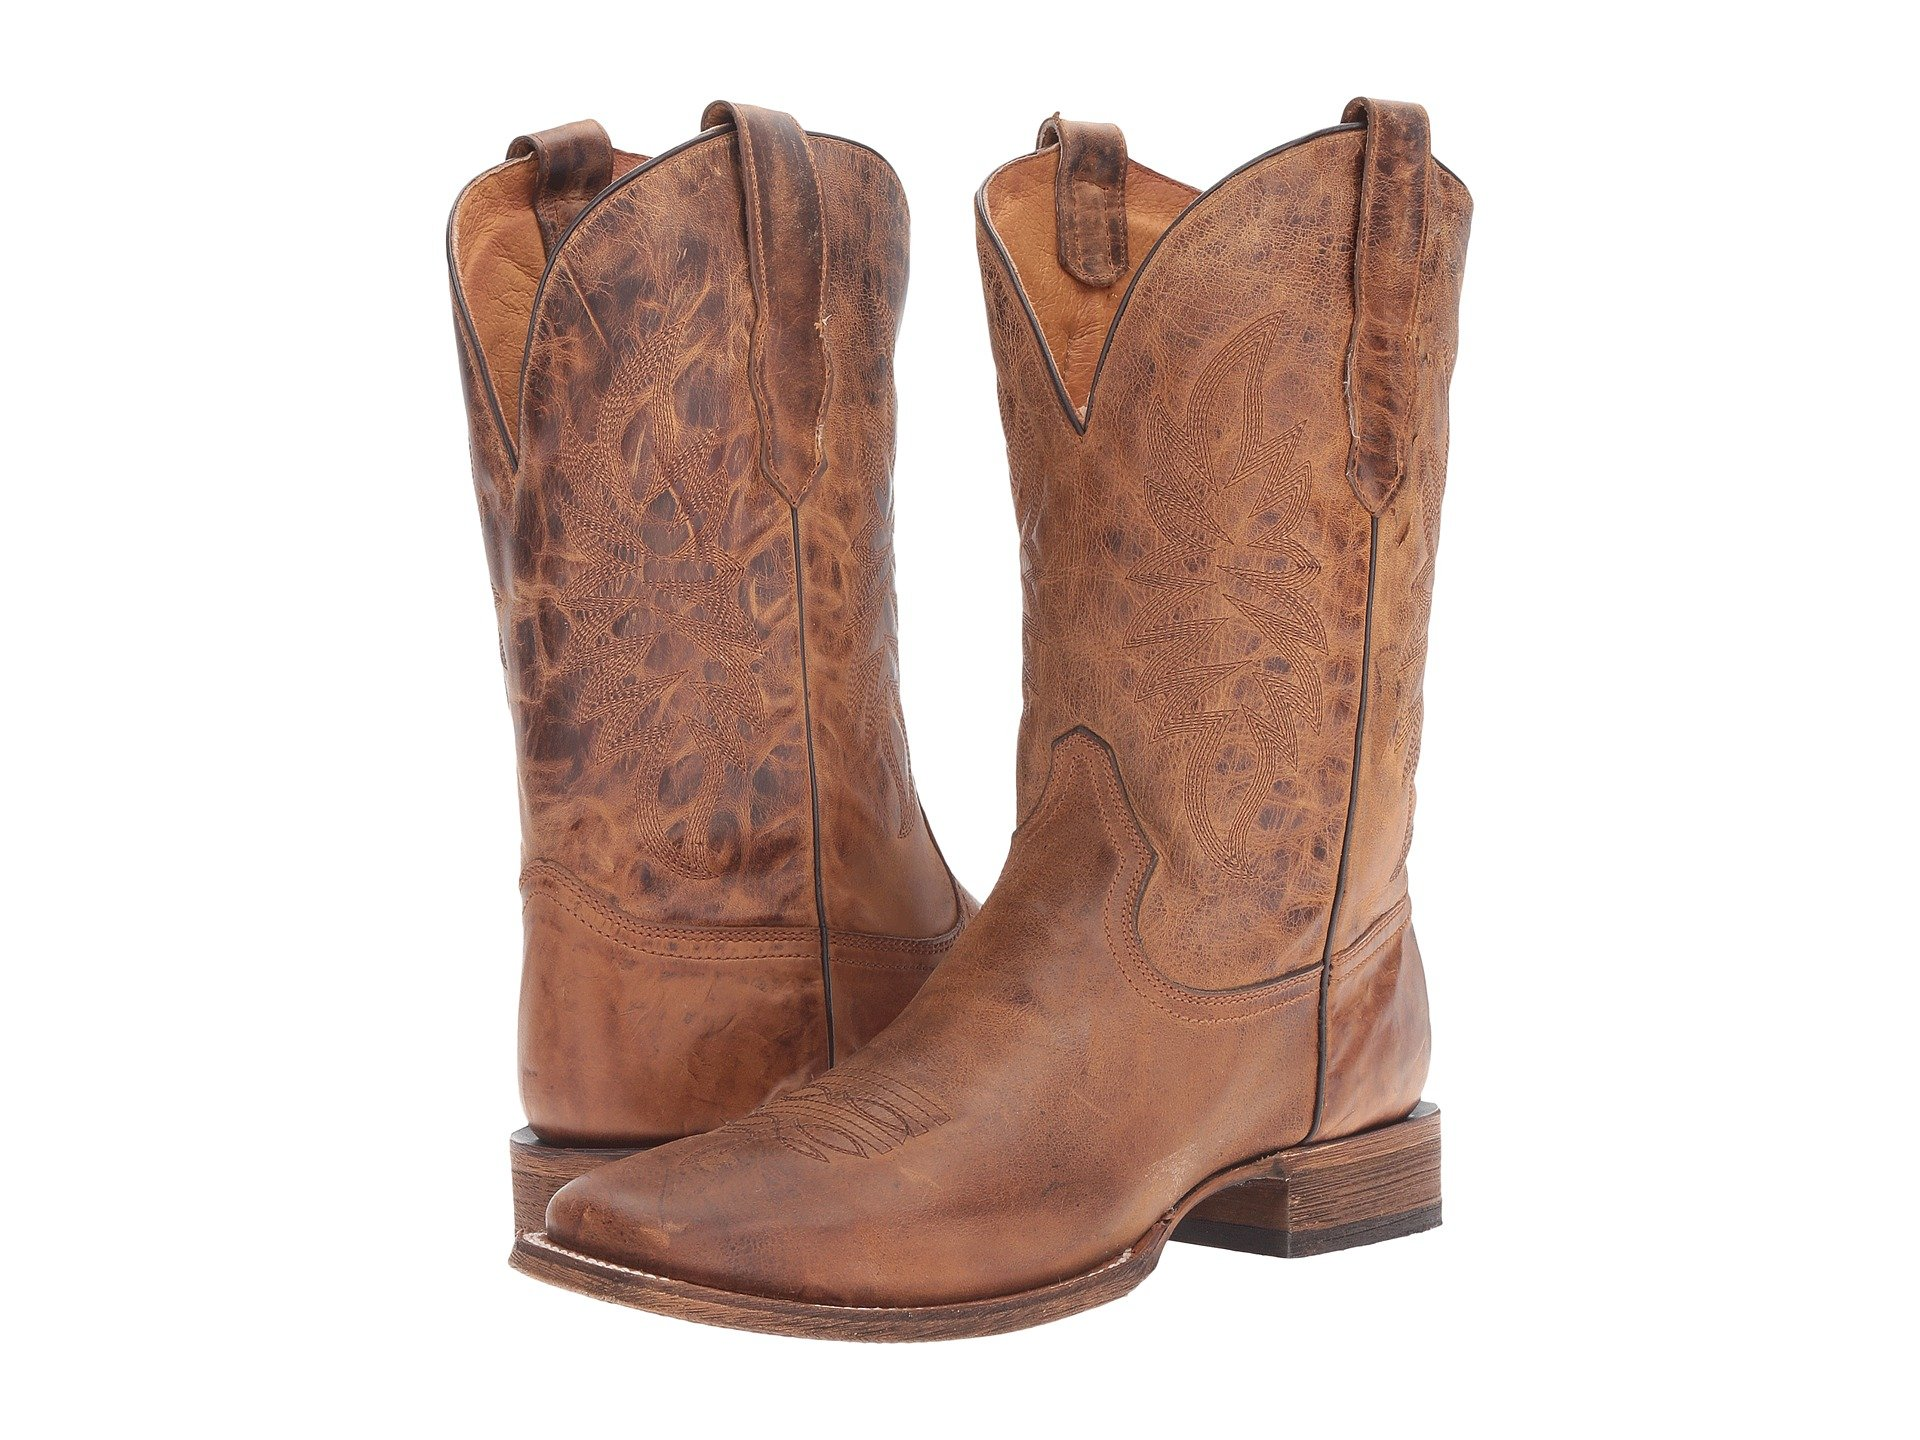 a2e2164ede9e Men's Corral Boots Boots + FREE SHIPPING | Shoes | Zappos.com